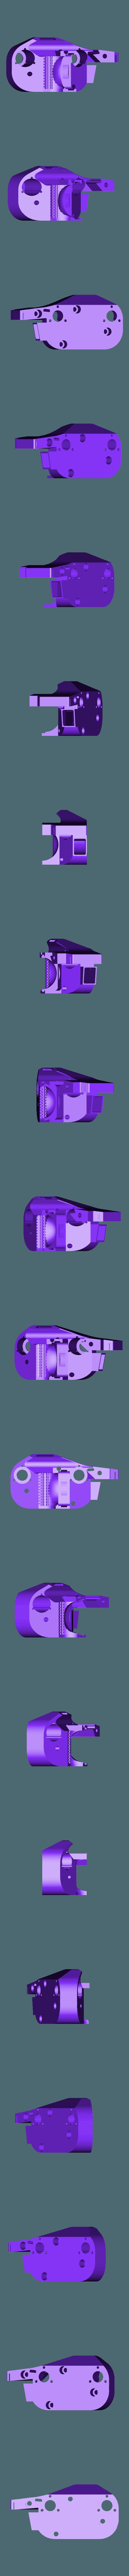 E3D_Mount_v4-2_RIGHT.STL Télécharger fichier STL gratuit Montage de l'extrudeuse à réservoir (RigidBot, E3Dv6, Printrbot Gear Head) • Plan imprimable en 3D, WalterHsiao